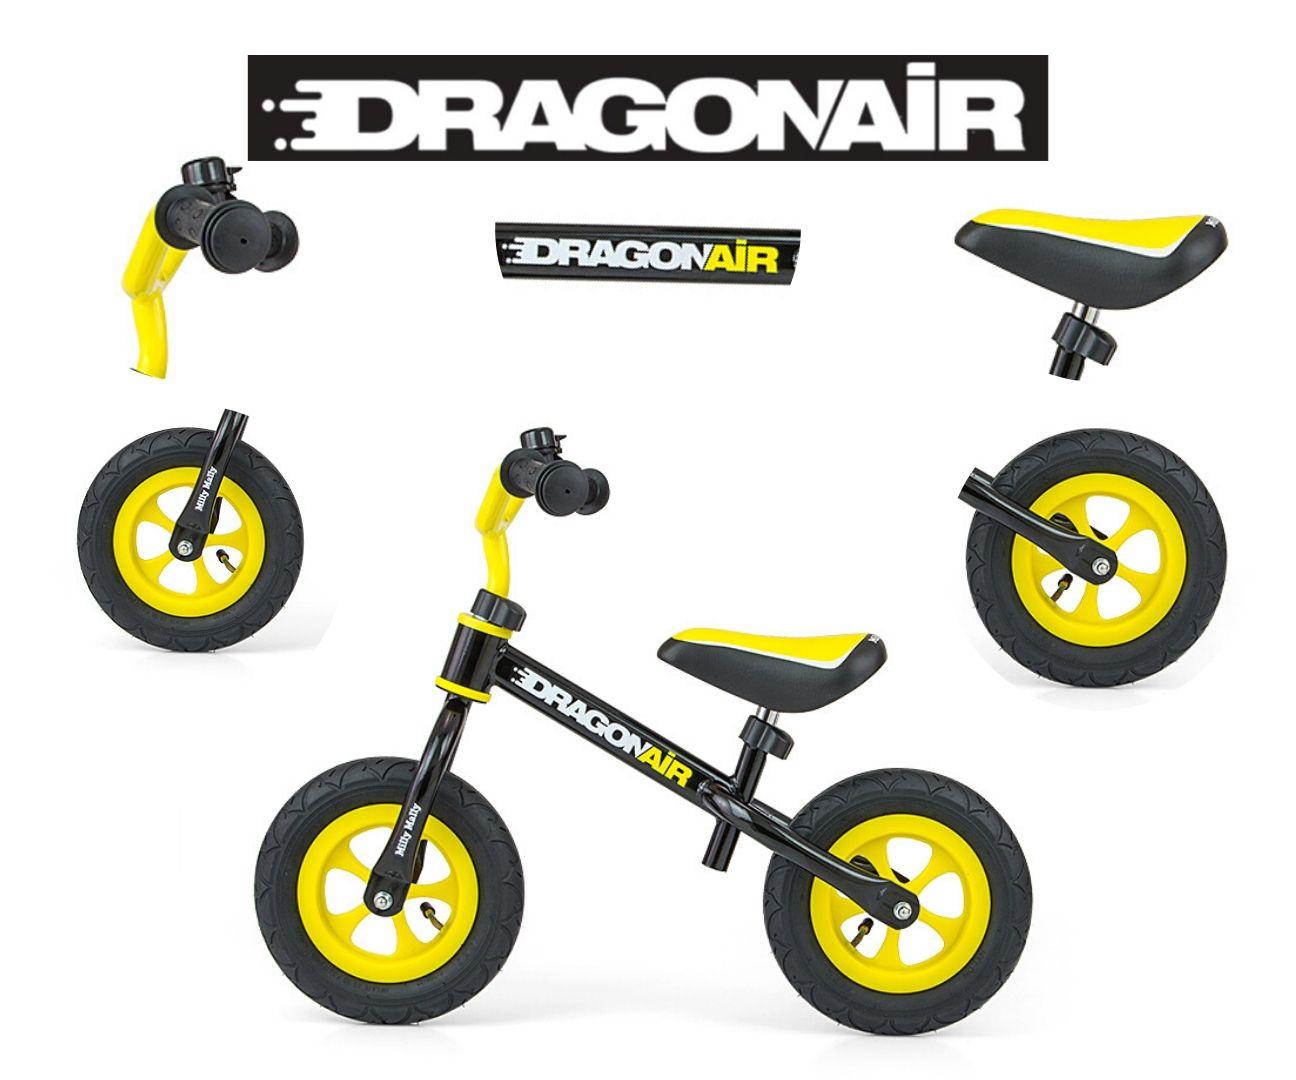 Milly Mally jooksuratas Dragon Air Black